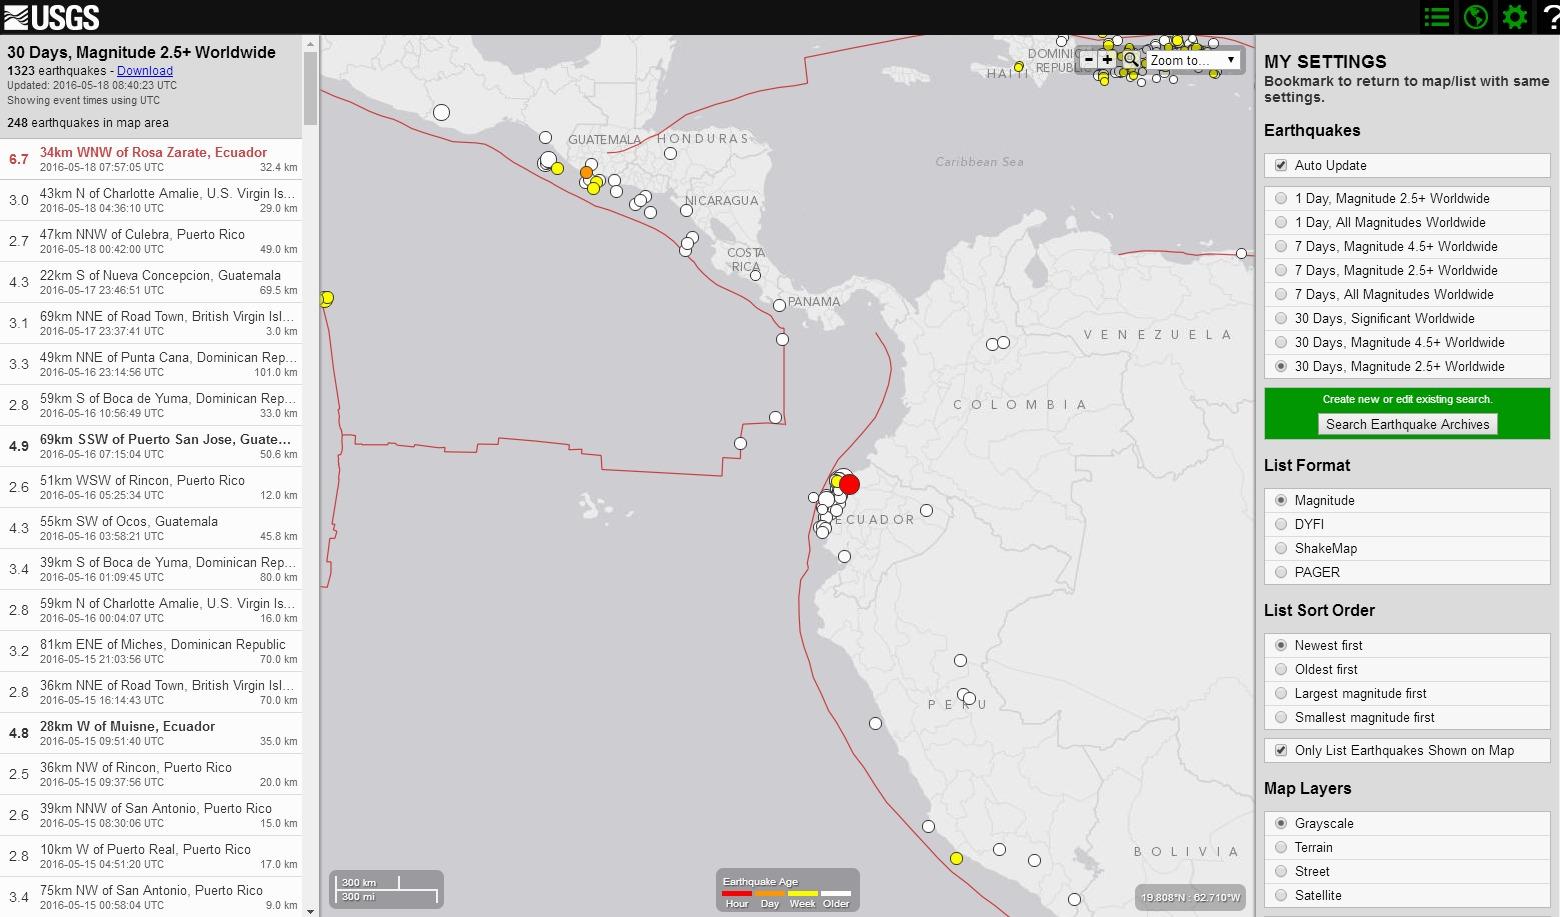 南米エクアドルでM6.7の大地震が発生…先月4月16日には「M7.8」その最大余震か